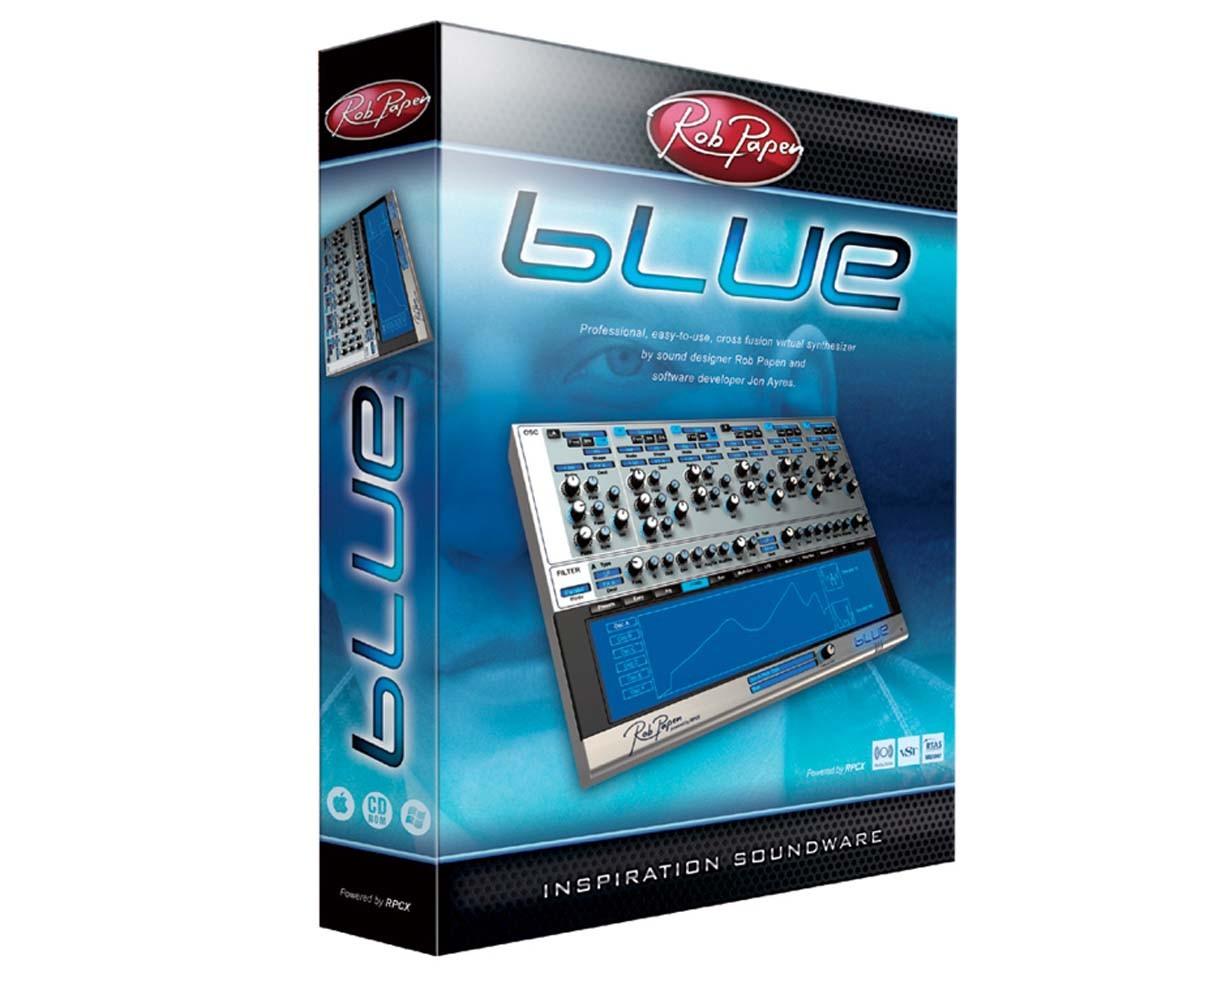 Rob Papen Blue